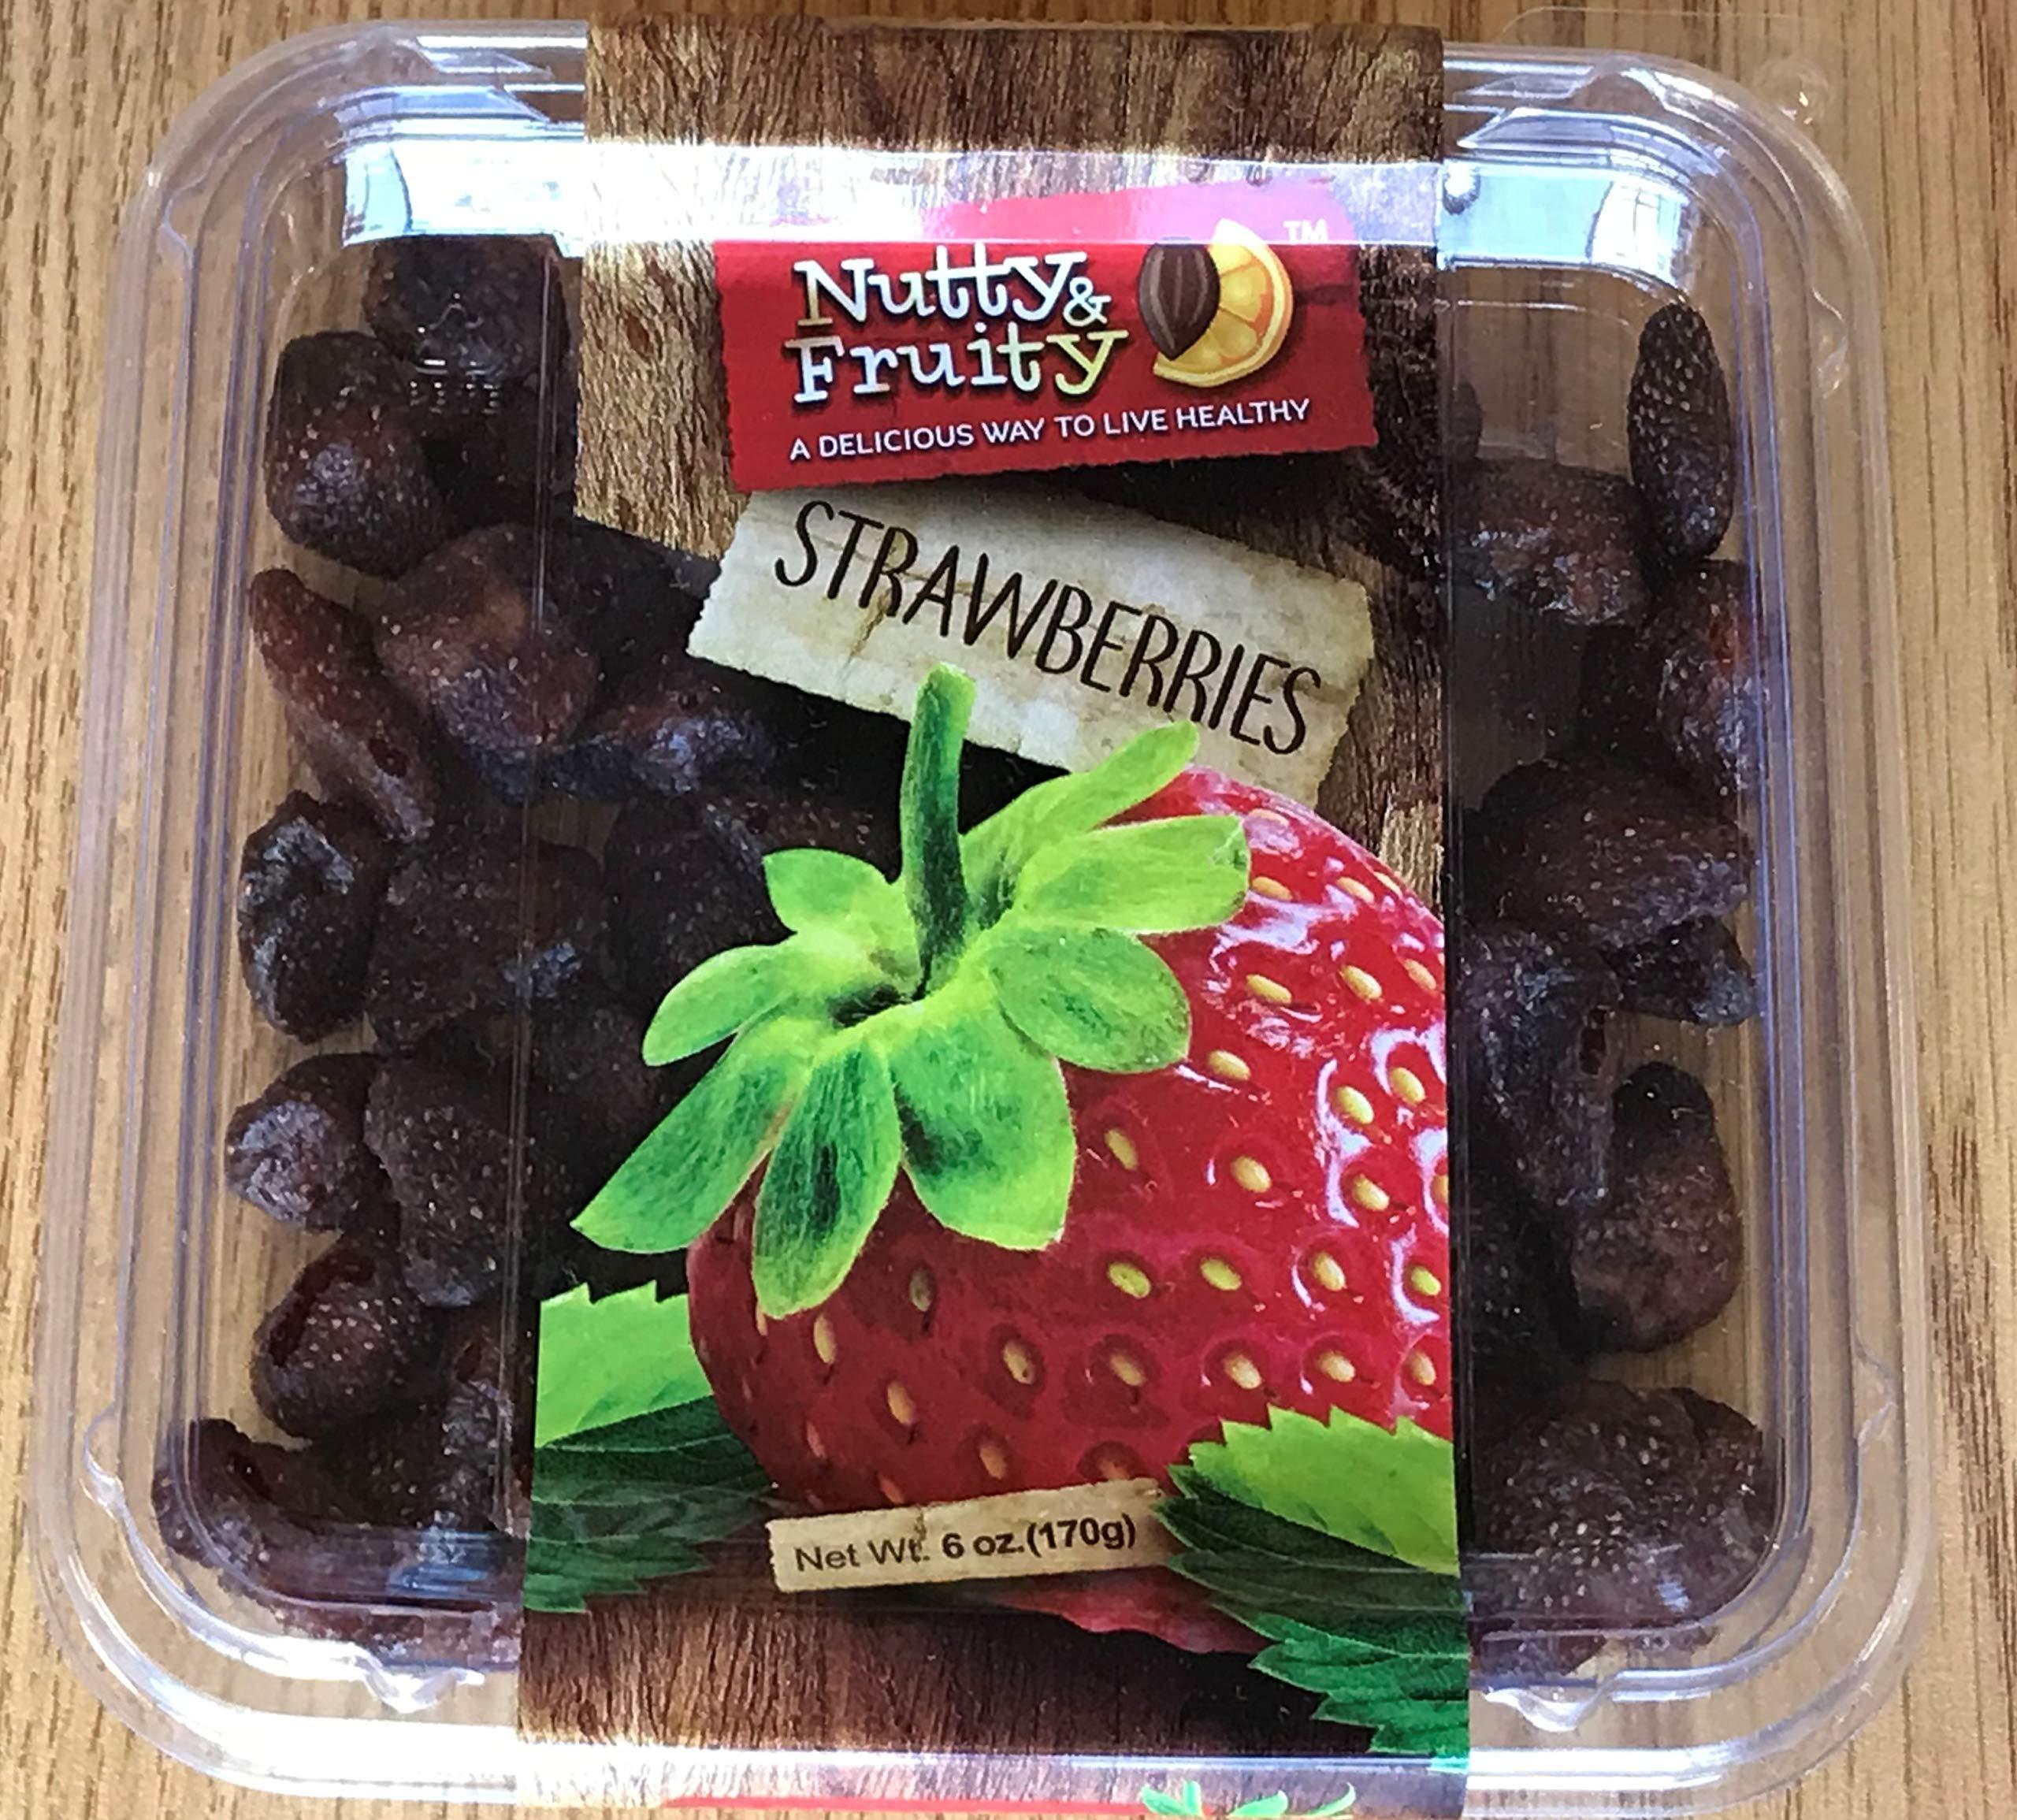 Nutty & Fruity Dried Strawberries 6 oz, 170 g